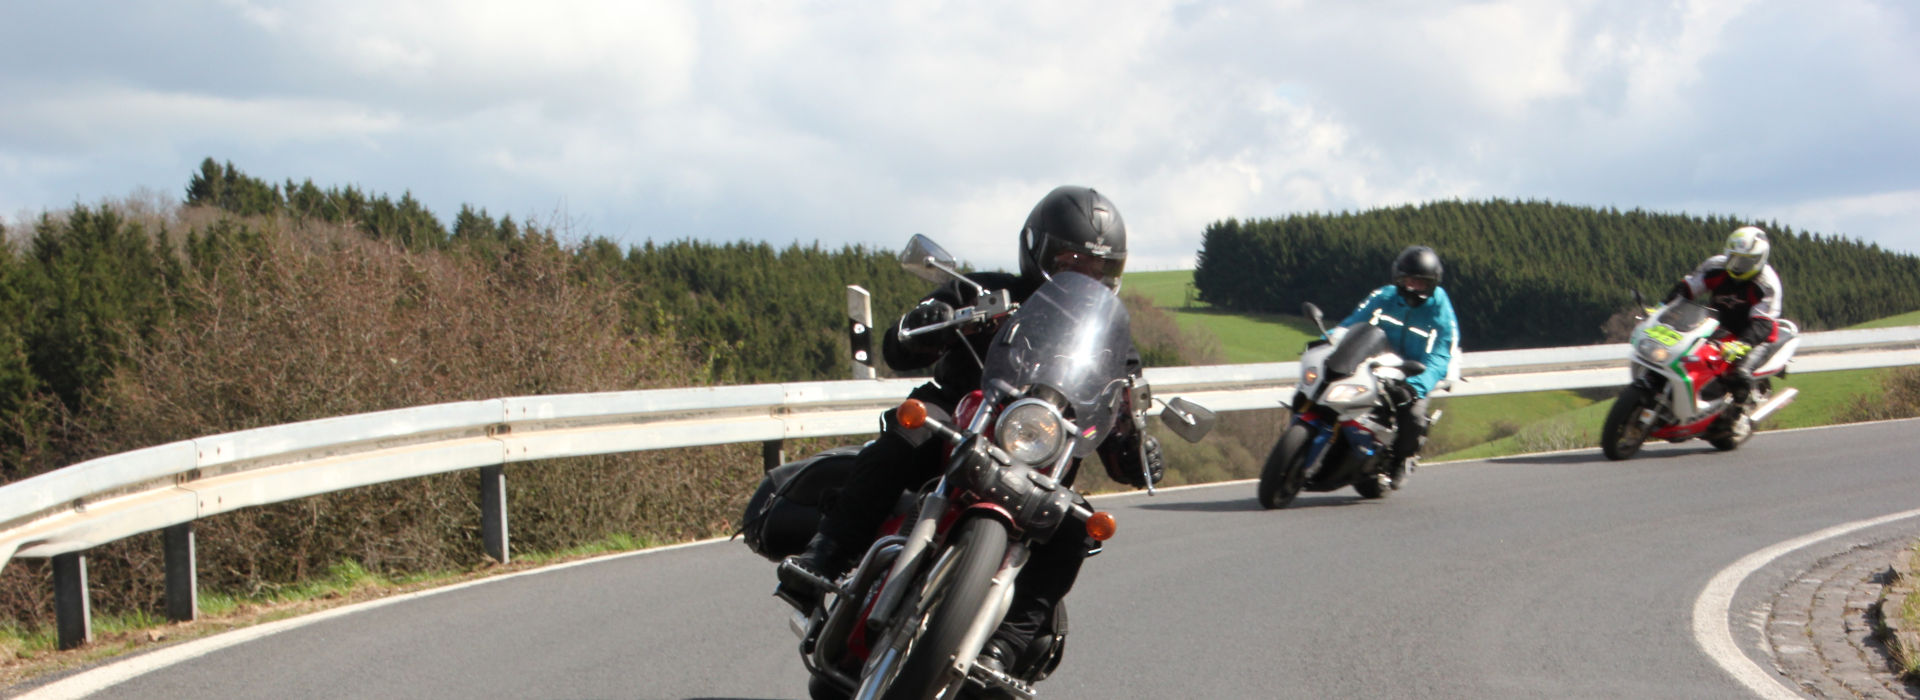 Motorrijbewijspoint Ouderkerk aan de Amstel motorrijlessen